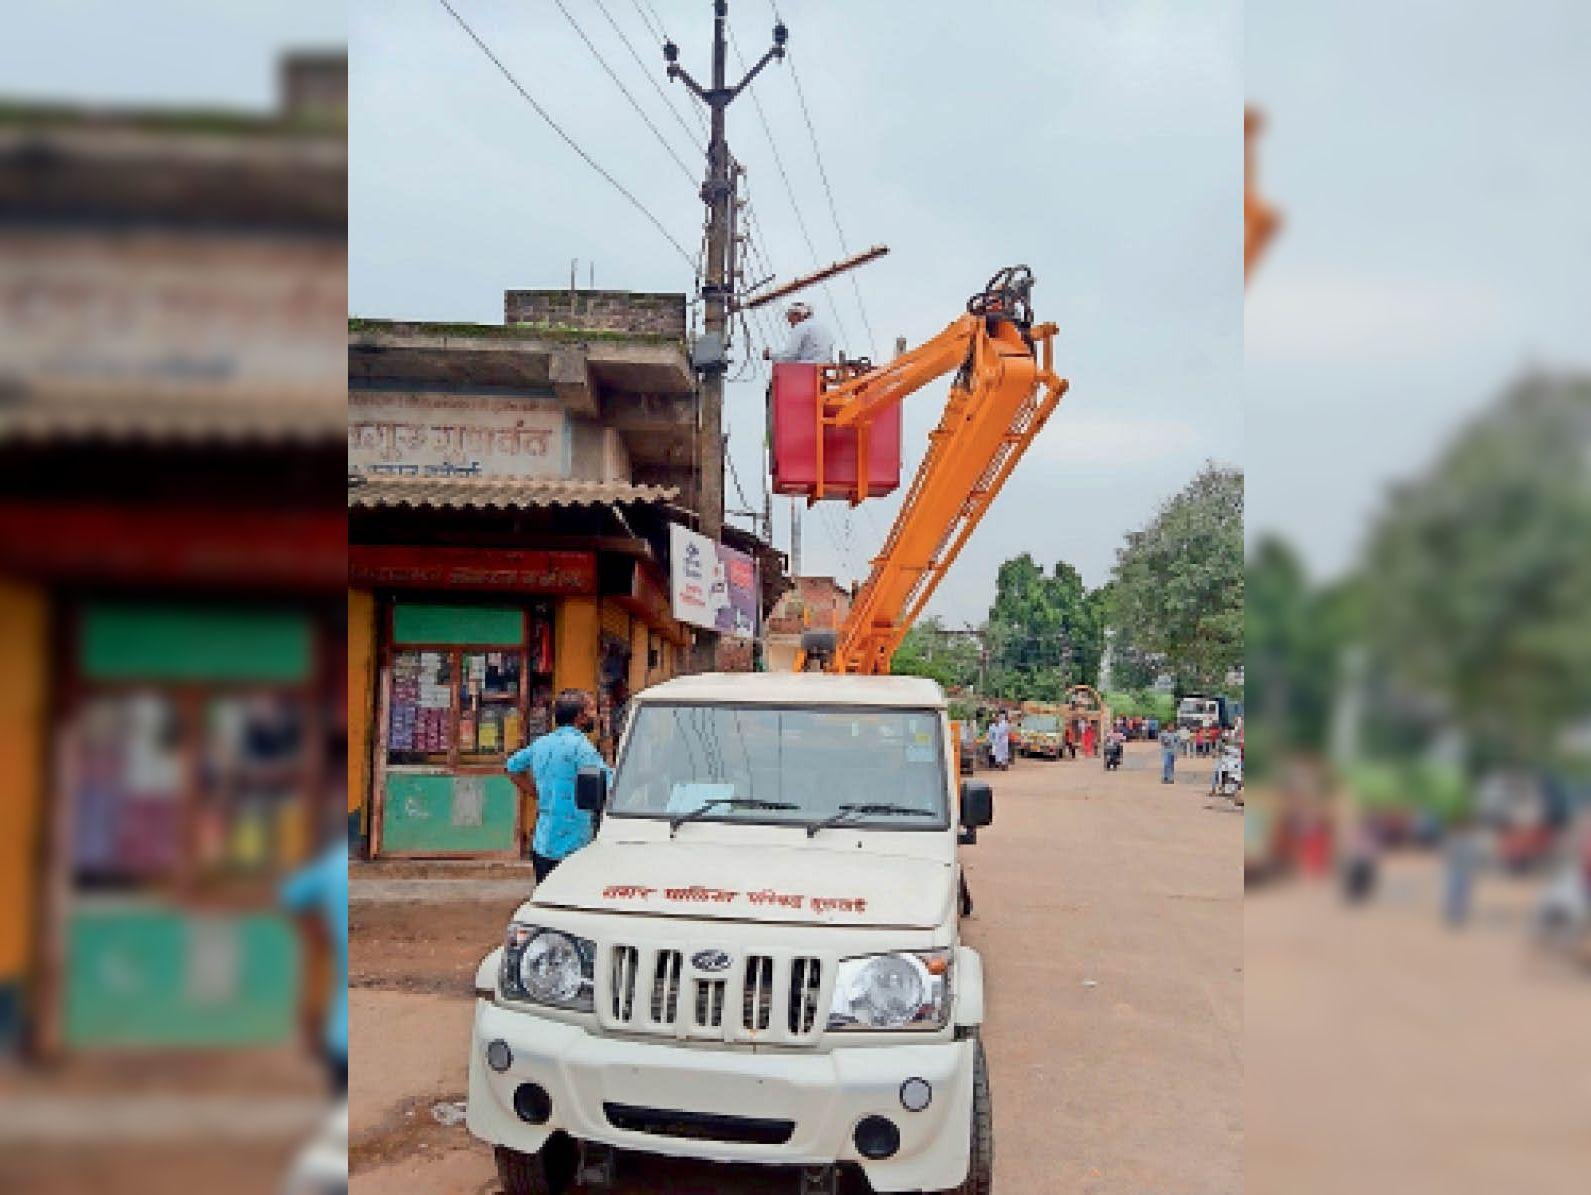 नगर में बंद स्ट्रीट लाइट का सर्वे करने के साथ नपा कर रही बदलने का काम। - Dainik Bhaskar